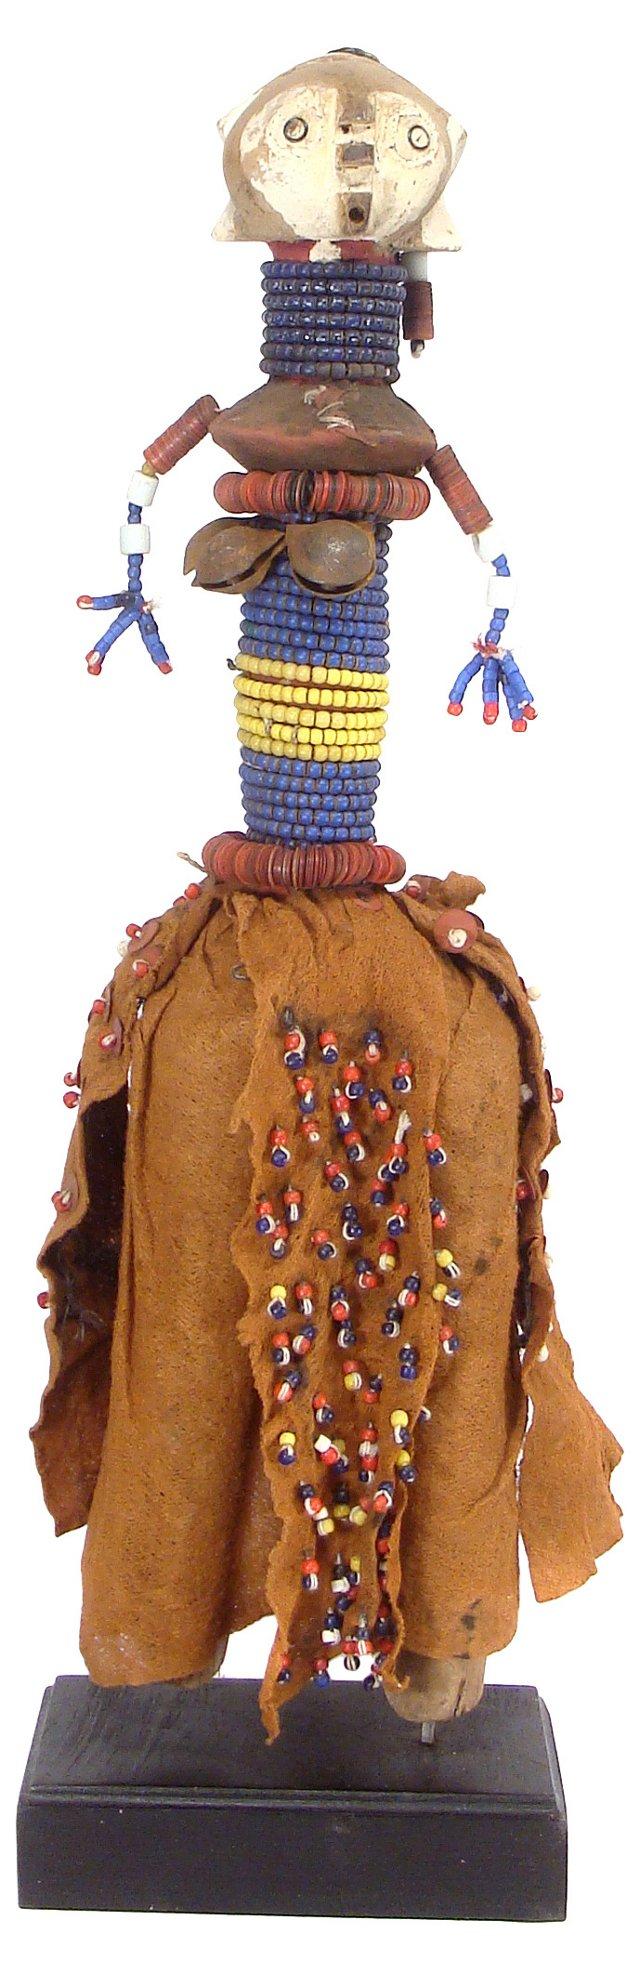 Omdurman Baggara Beaded Doll